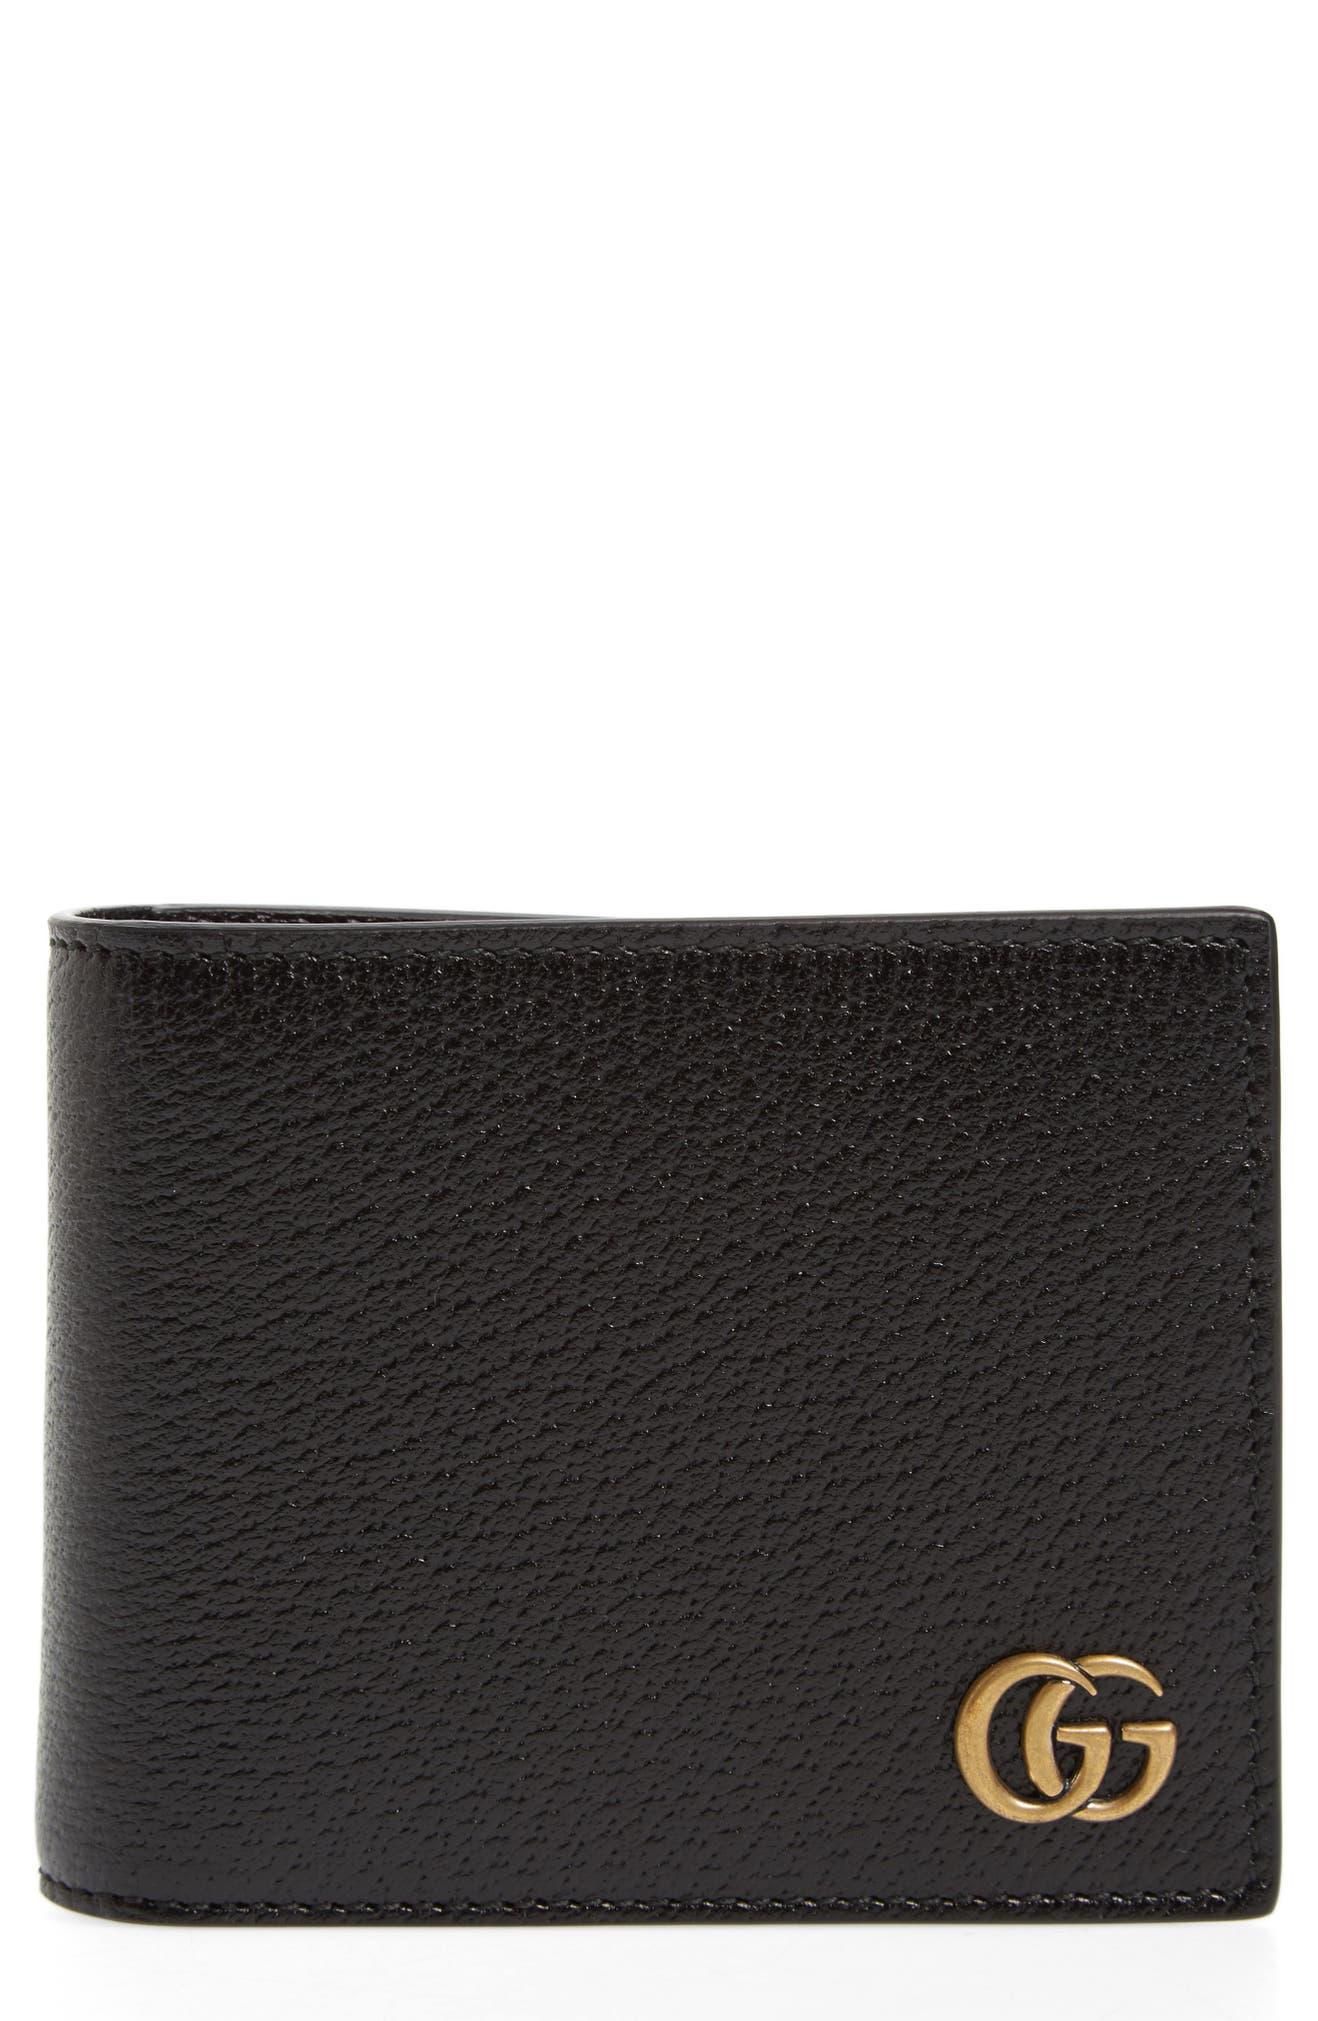 d436a88e5 Gucci Marmont Money Clip Wallet   Nordstrom